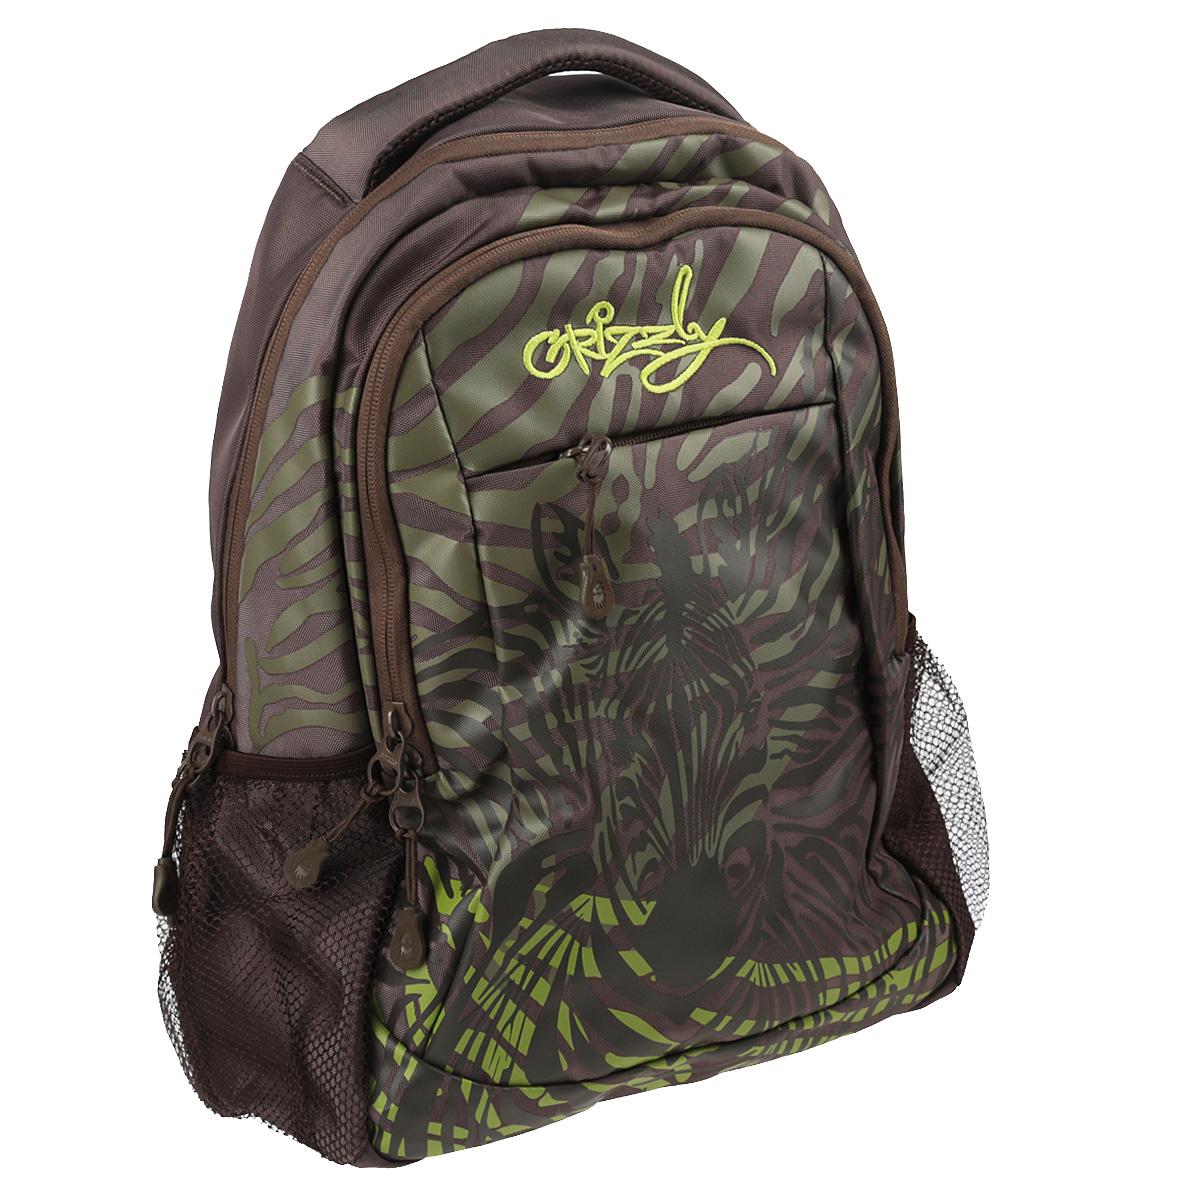 Рюкзак городской Grizzly, цвет: хаки, 24 л. RD-534-2/3